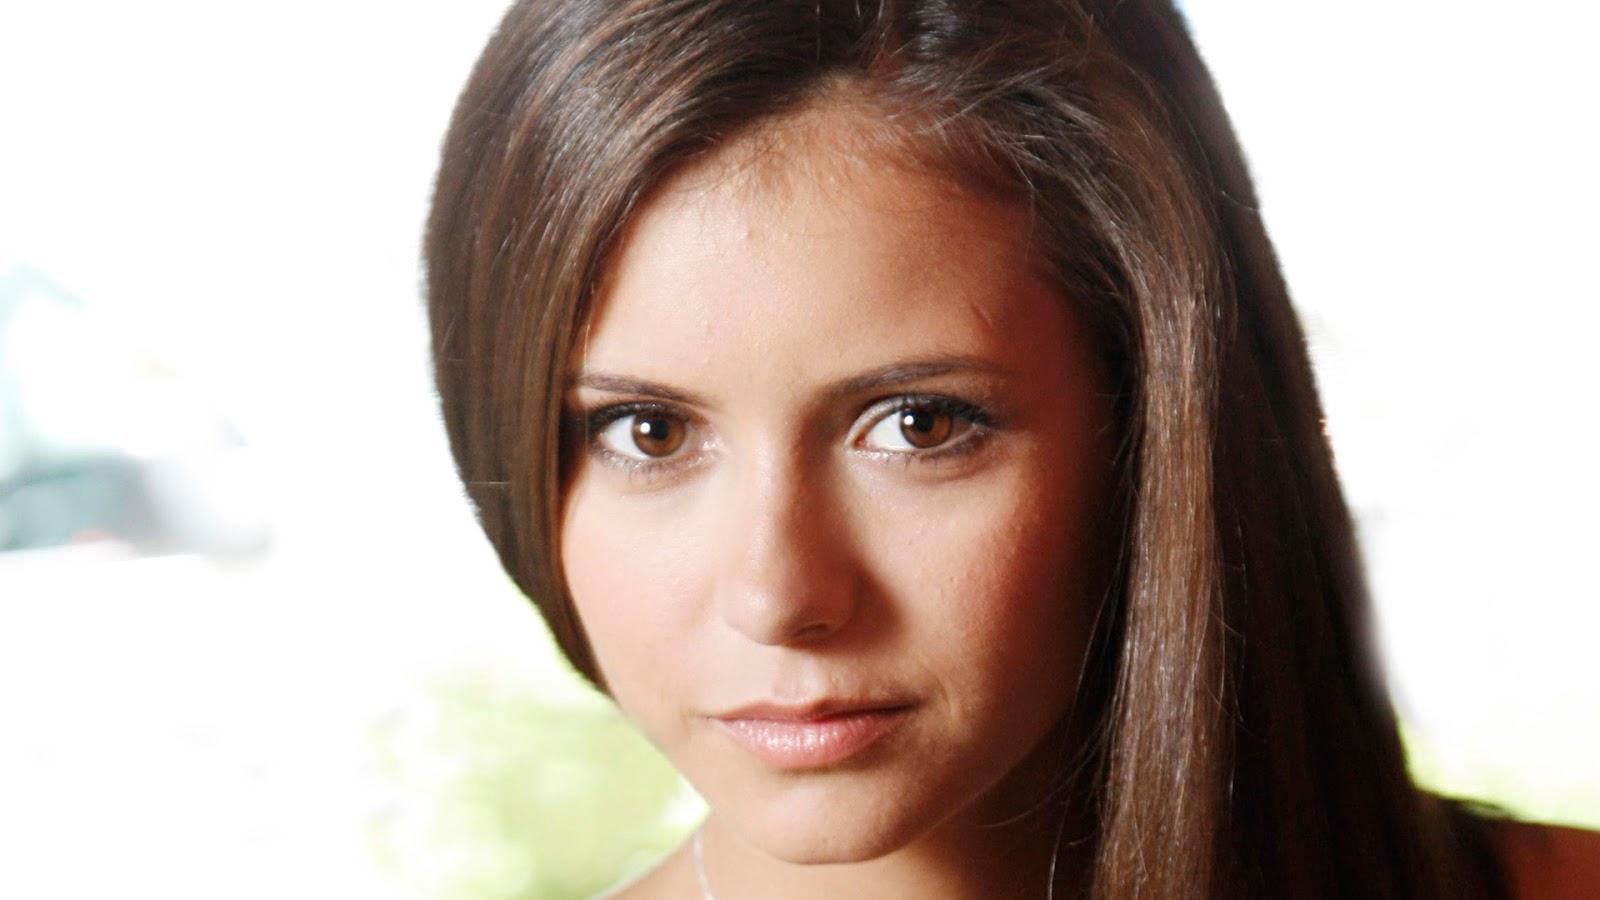 Nina Dobrev The Vampire Diaries Actress Hd Wallpaper  Hd -2024